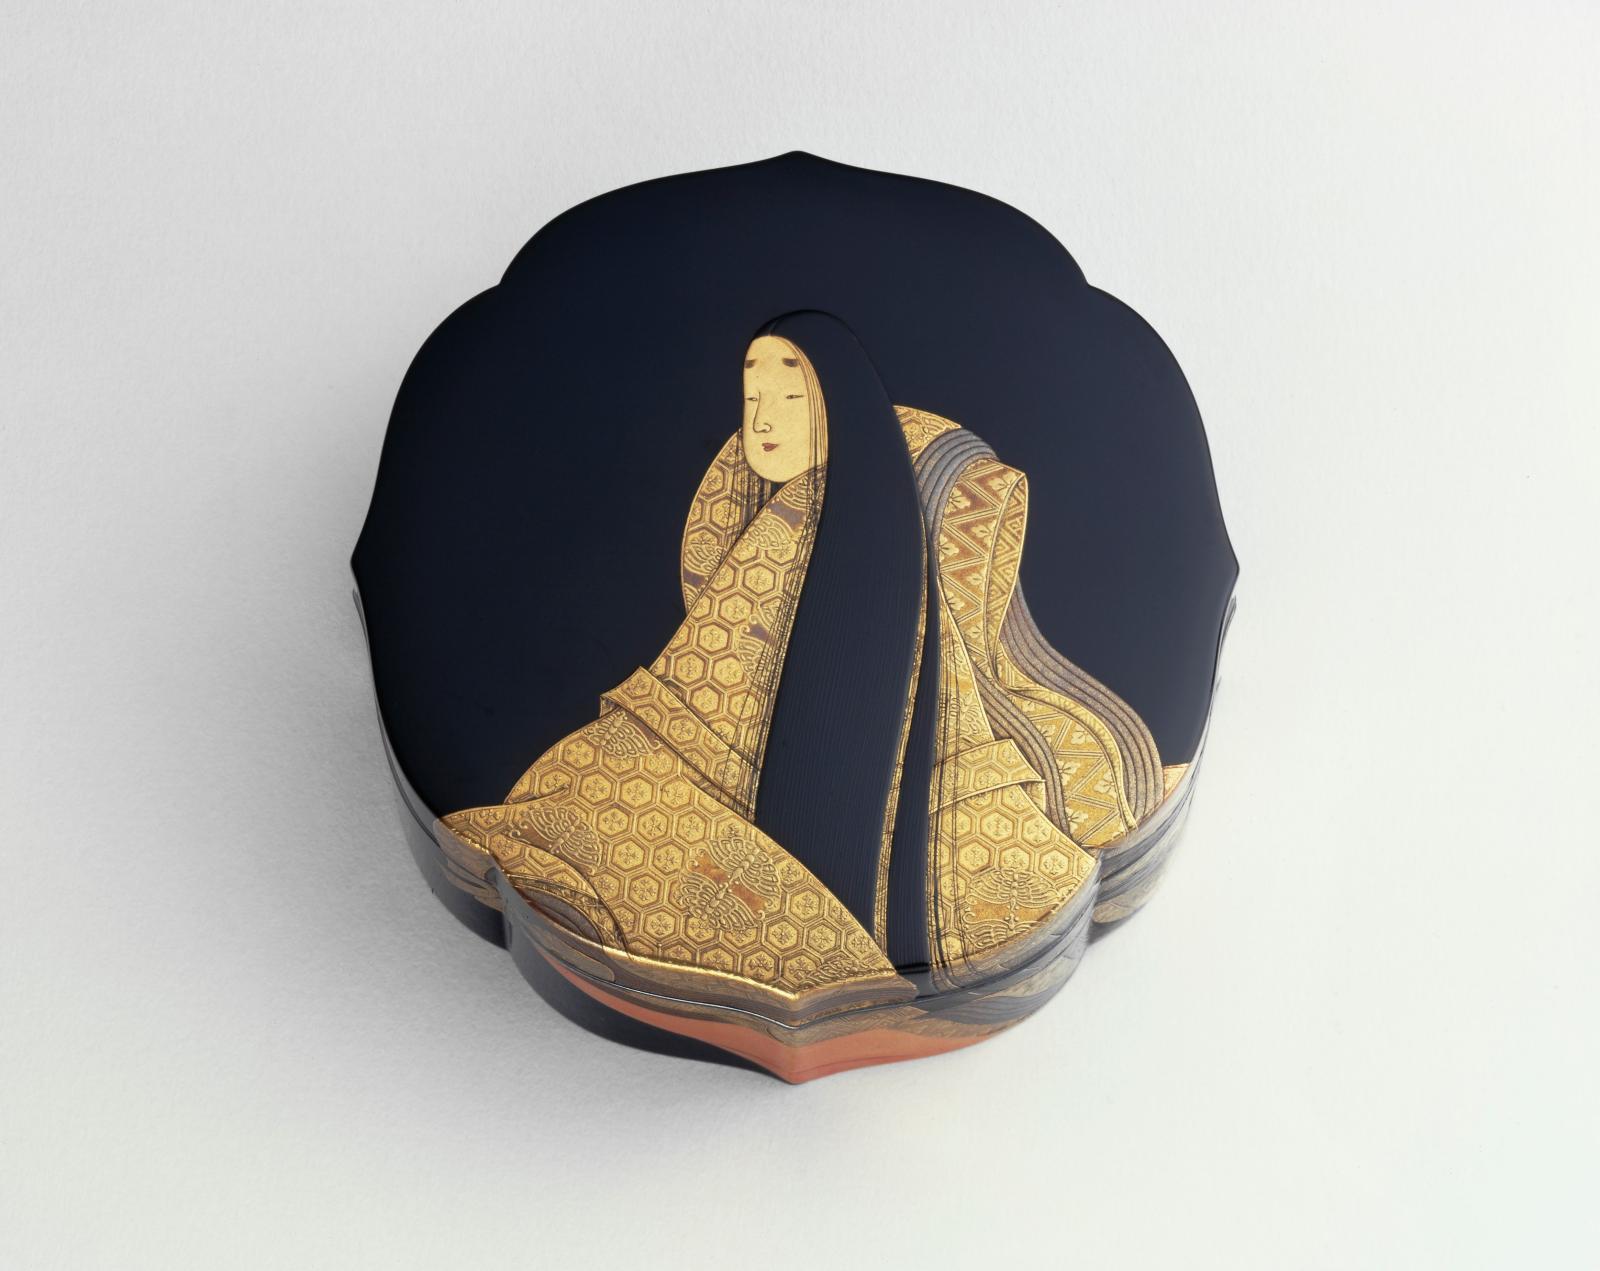 Ganshôsai Shunsui, boîte en laque, début du XXesiècle, 4,2x9,7cm.